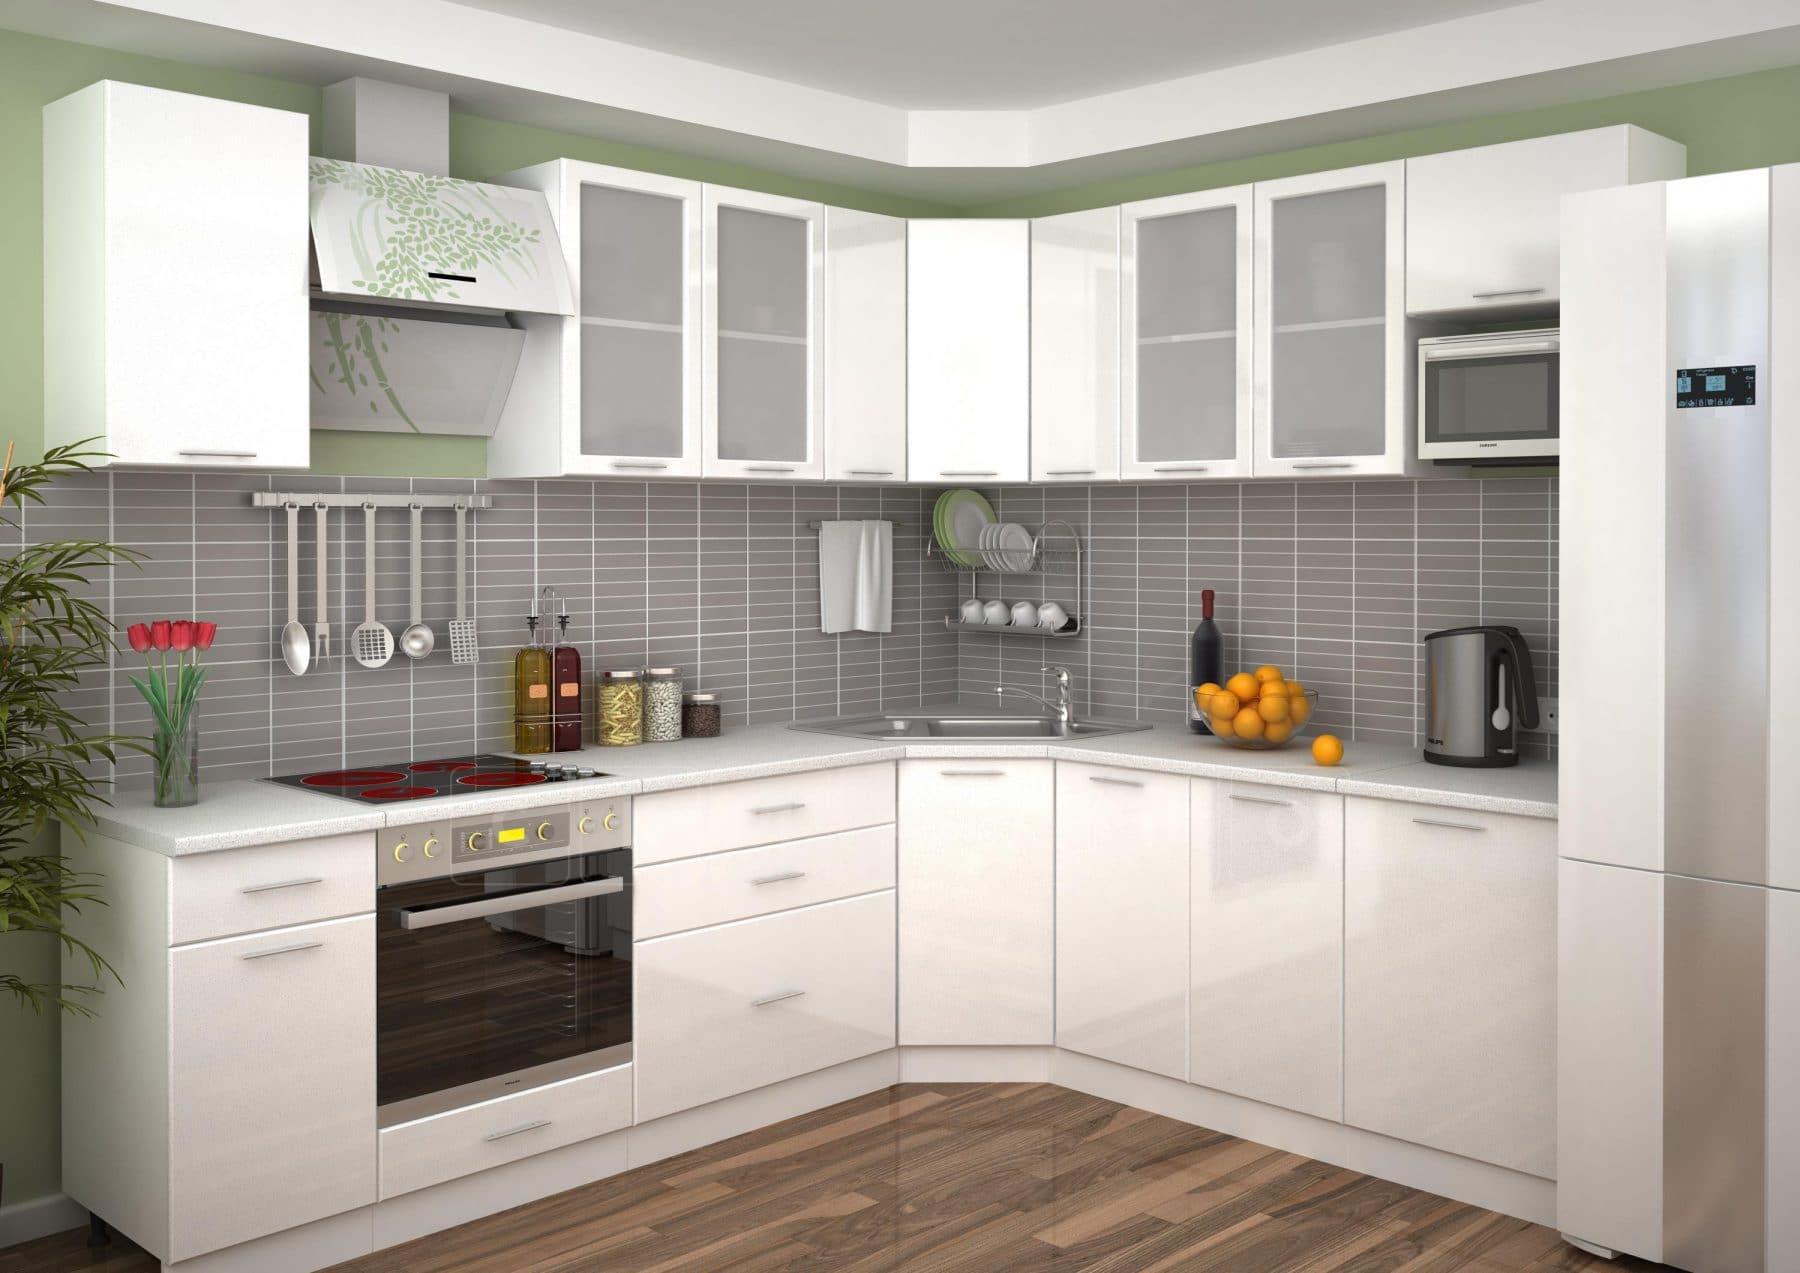 Кухня угловая Шарлотта 2,1х2,6 м белый металлик фото 1 | интернет-магазин Складно